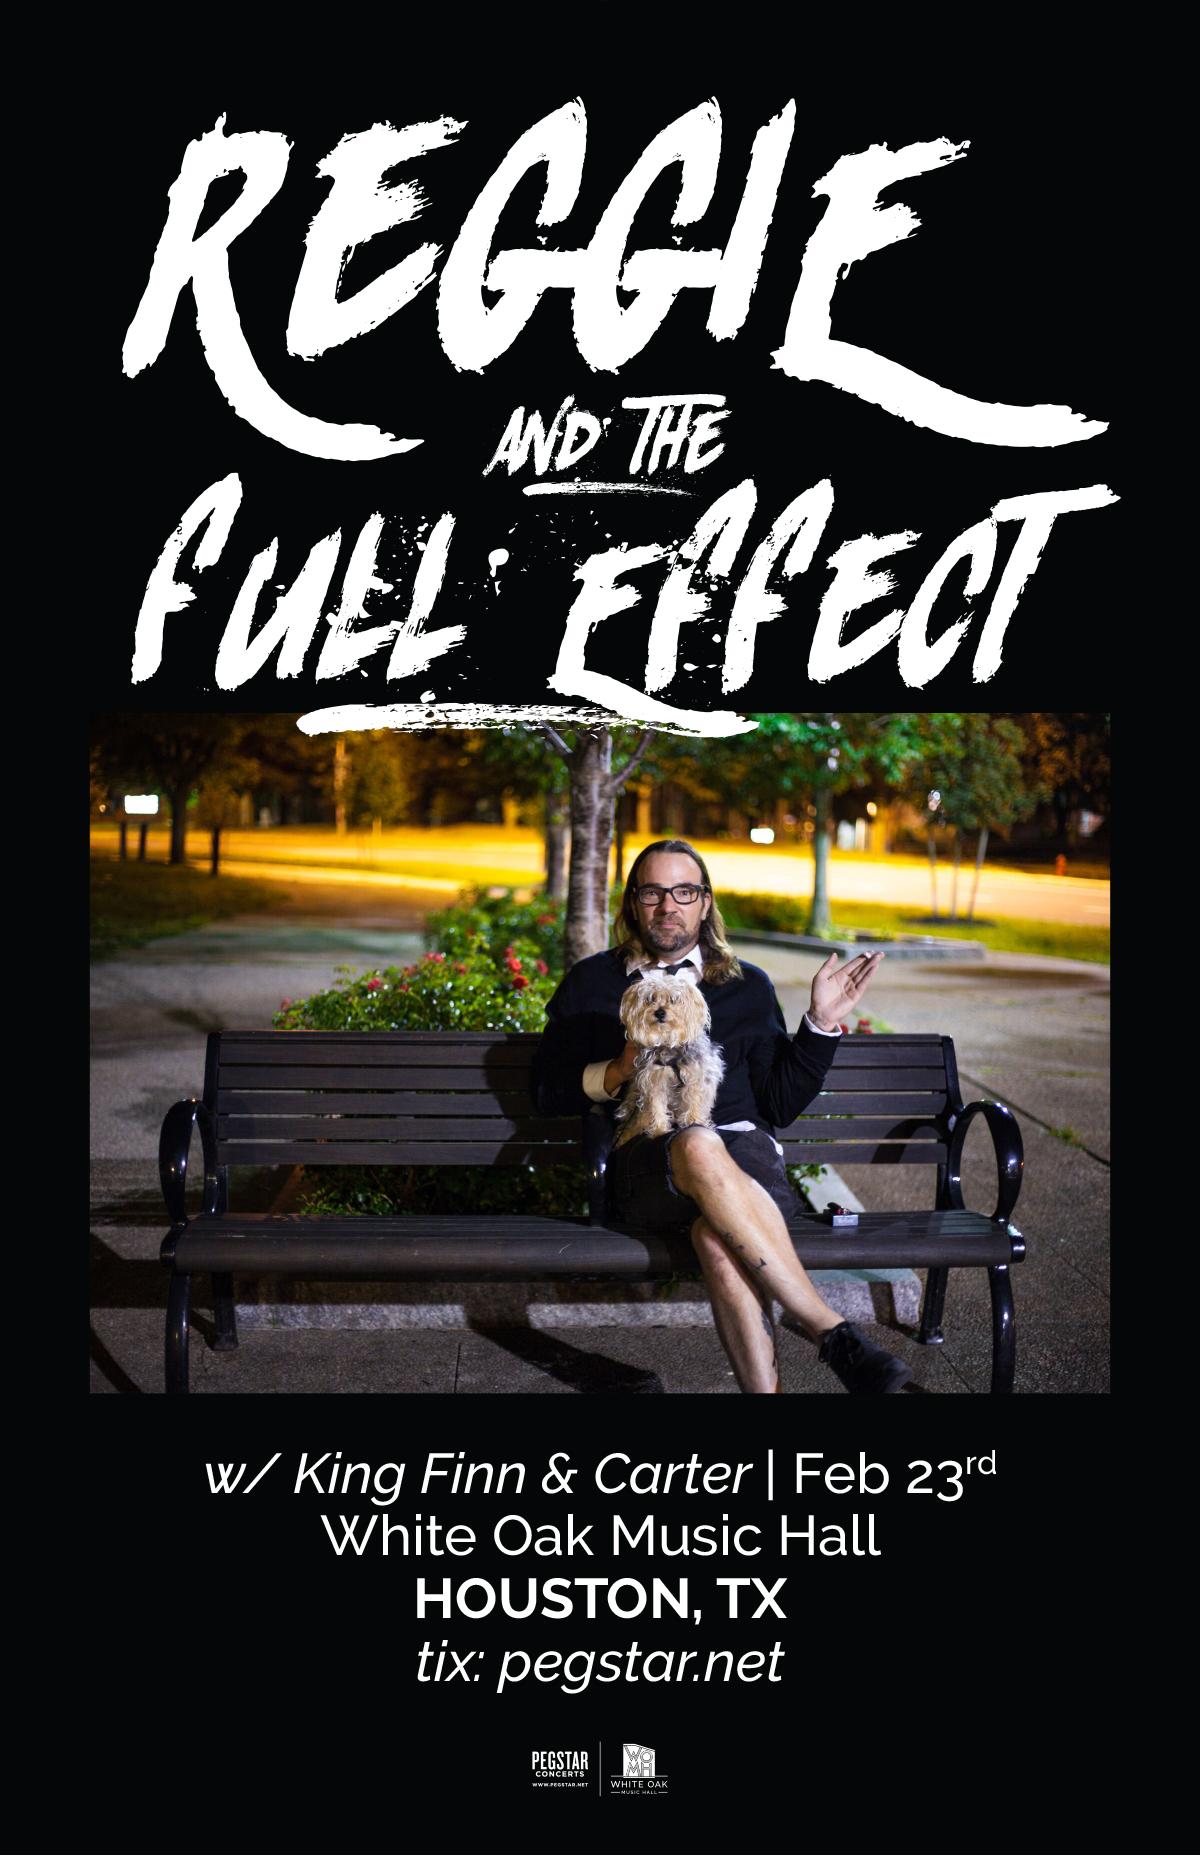 Reggie and the Full Effect, King Finn, Carter